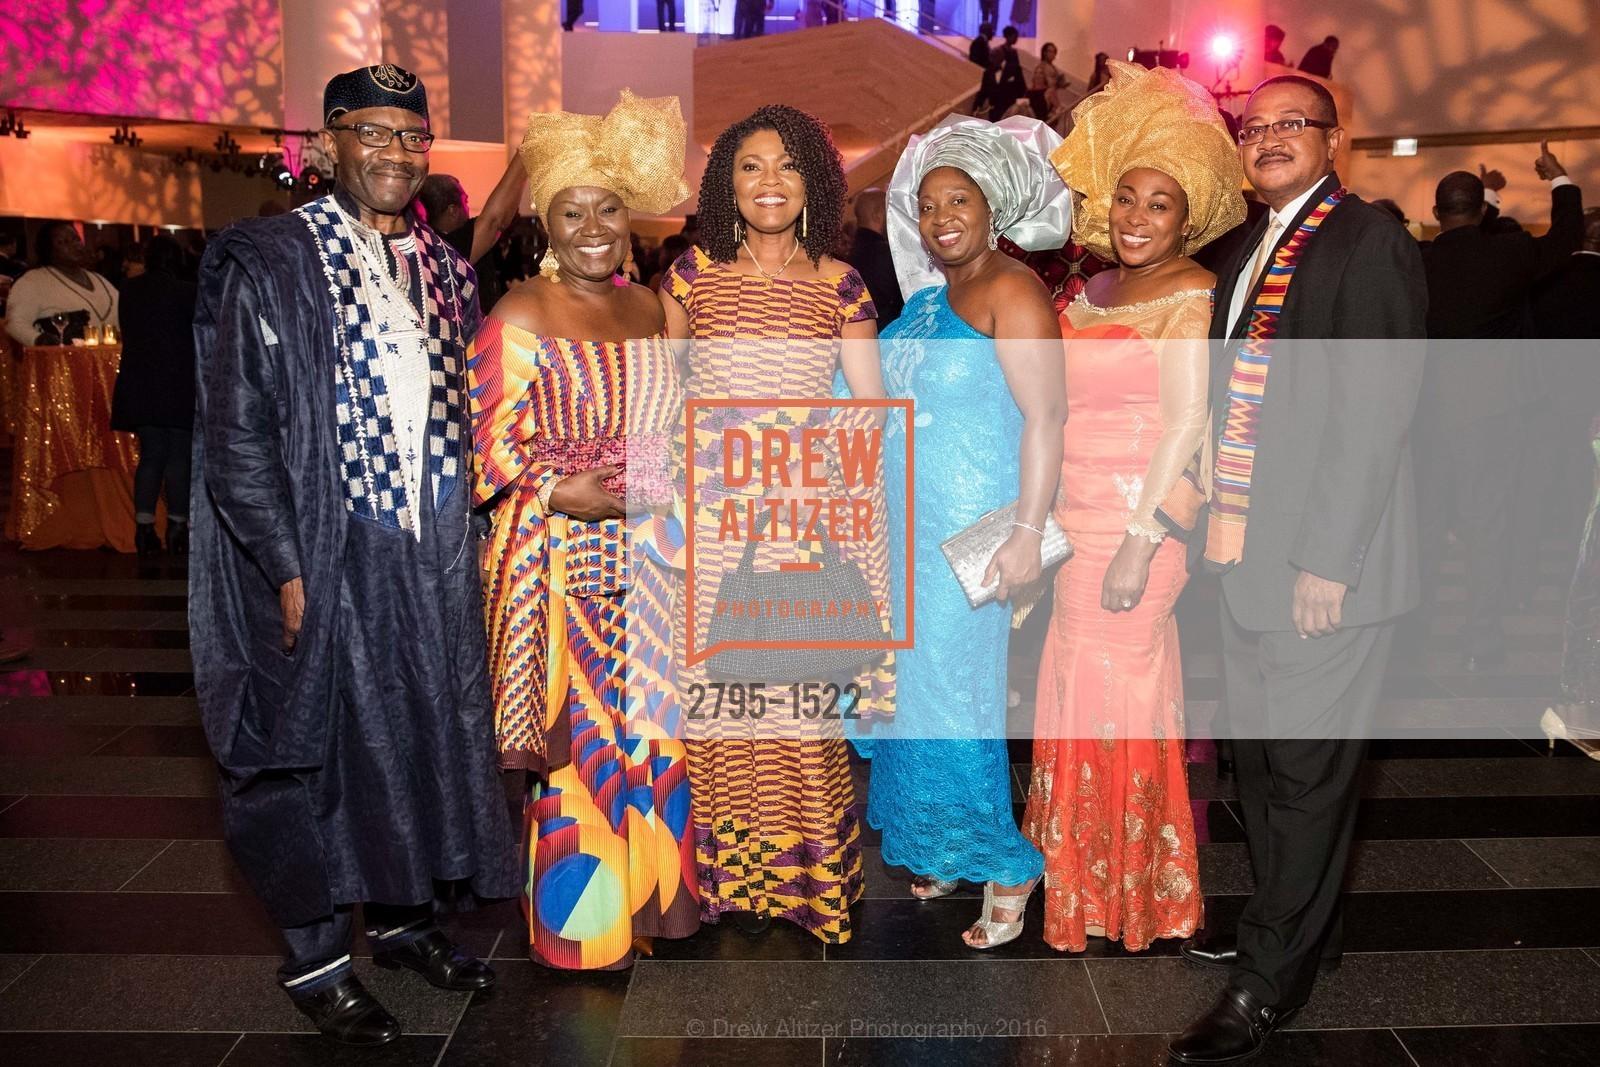 Kwaku Ohemeng, Mabel Ohemeng, Gladys Moore, Catherine Budu, Vivian Rahwanji, Ray Rahwanji, Photo #2795-1522